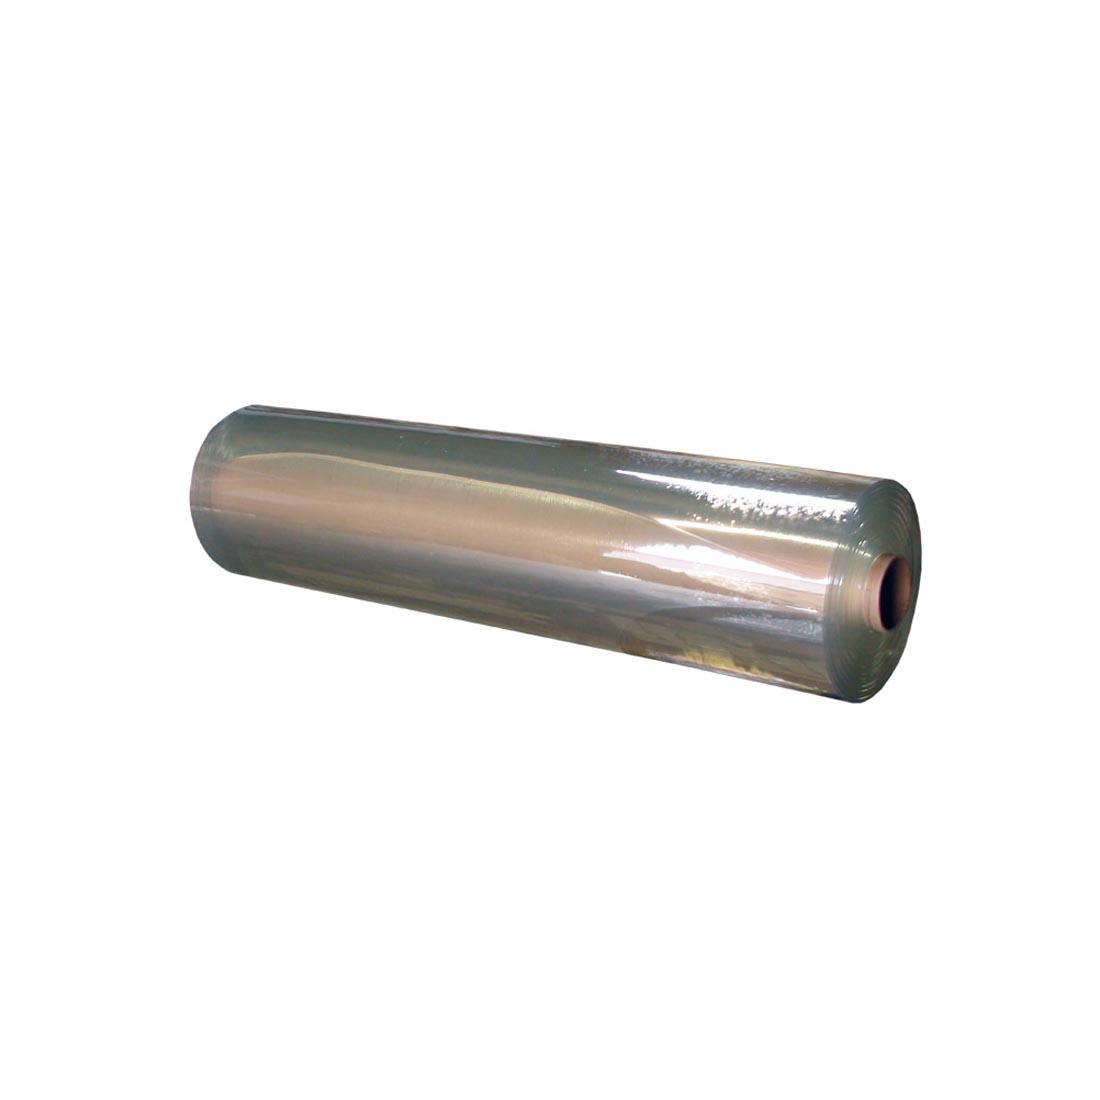 [투명 테이블매트] 데코리아 유리대용 방수 아스테이지 매트, 투명, 두께 0.3mm x 폭 120cm x 길이 20m - 랭킹57위 (95000원)